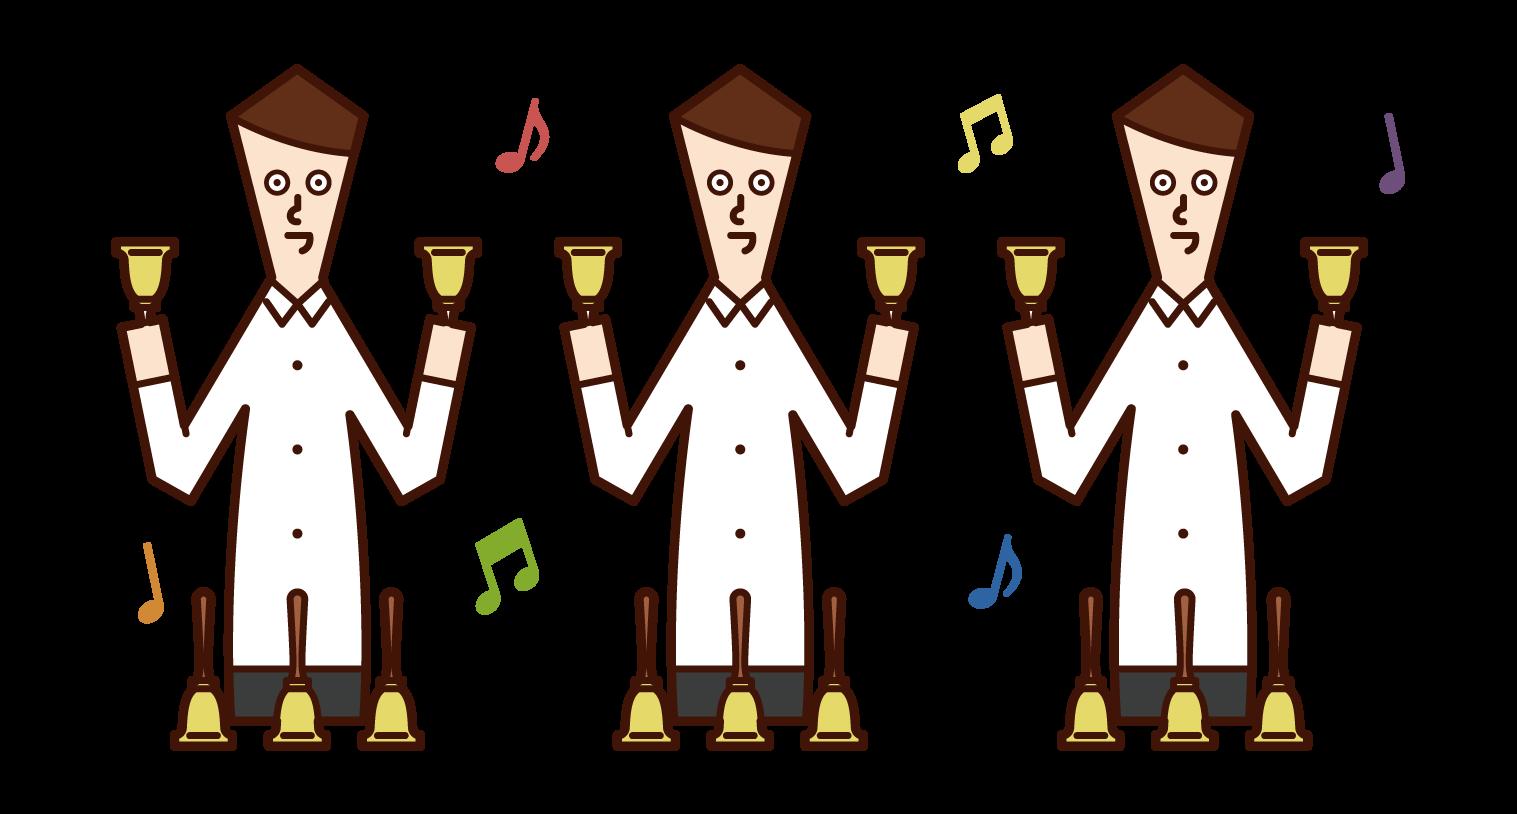 손벨을 연주하는 사람(남성)의 일러스트